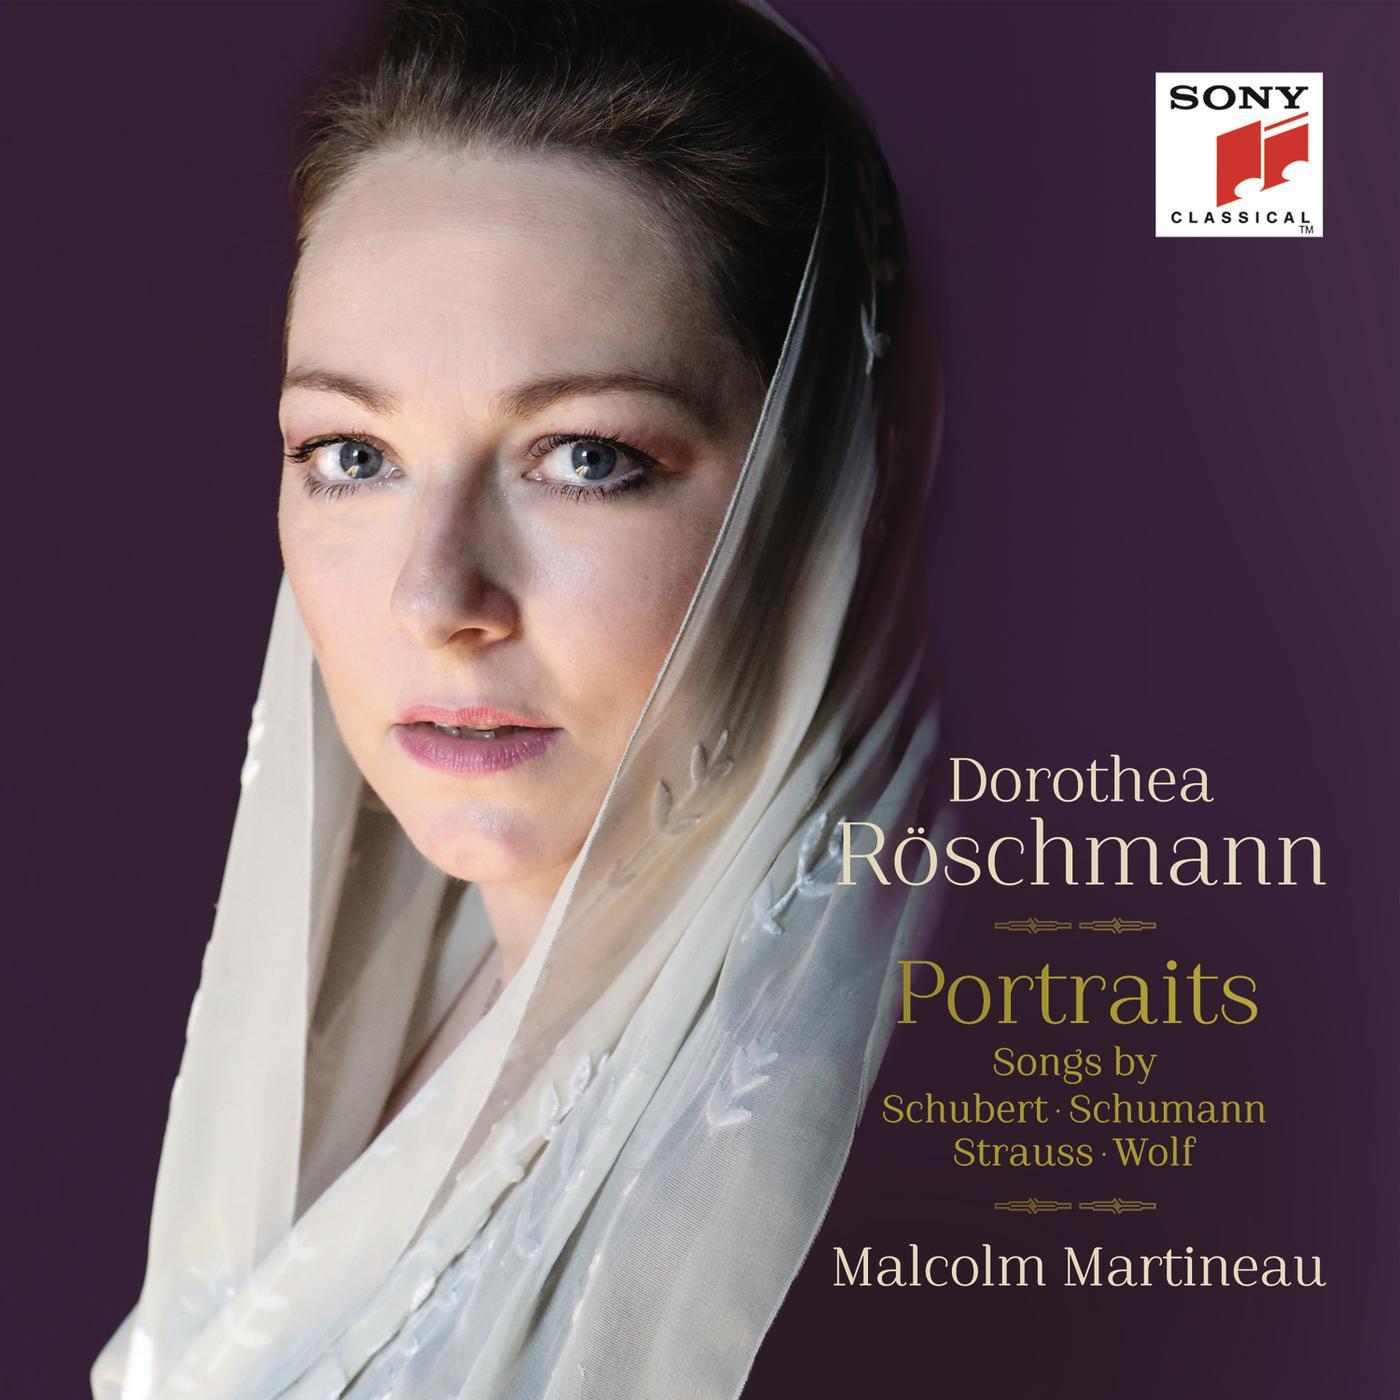 cover röschmann portraits recital sony